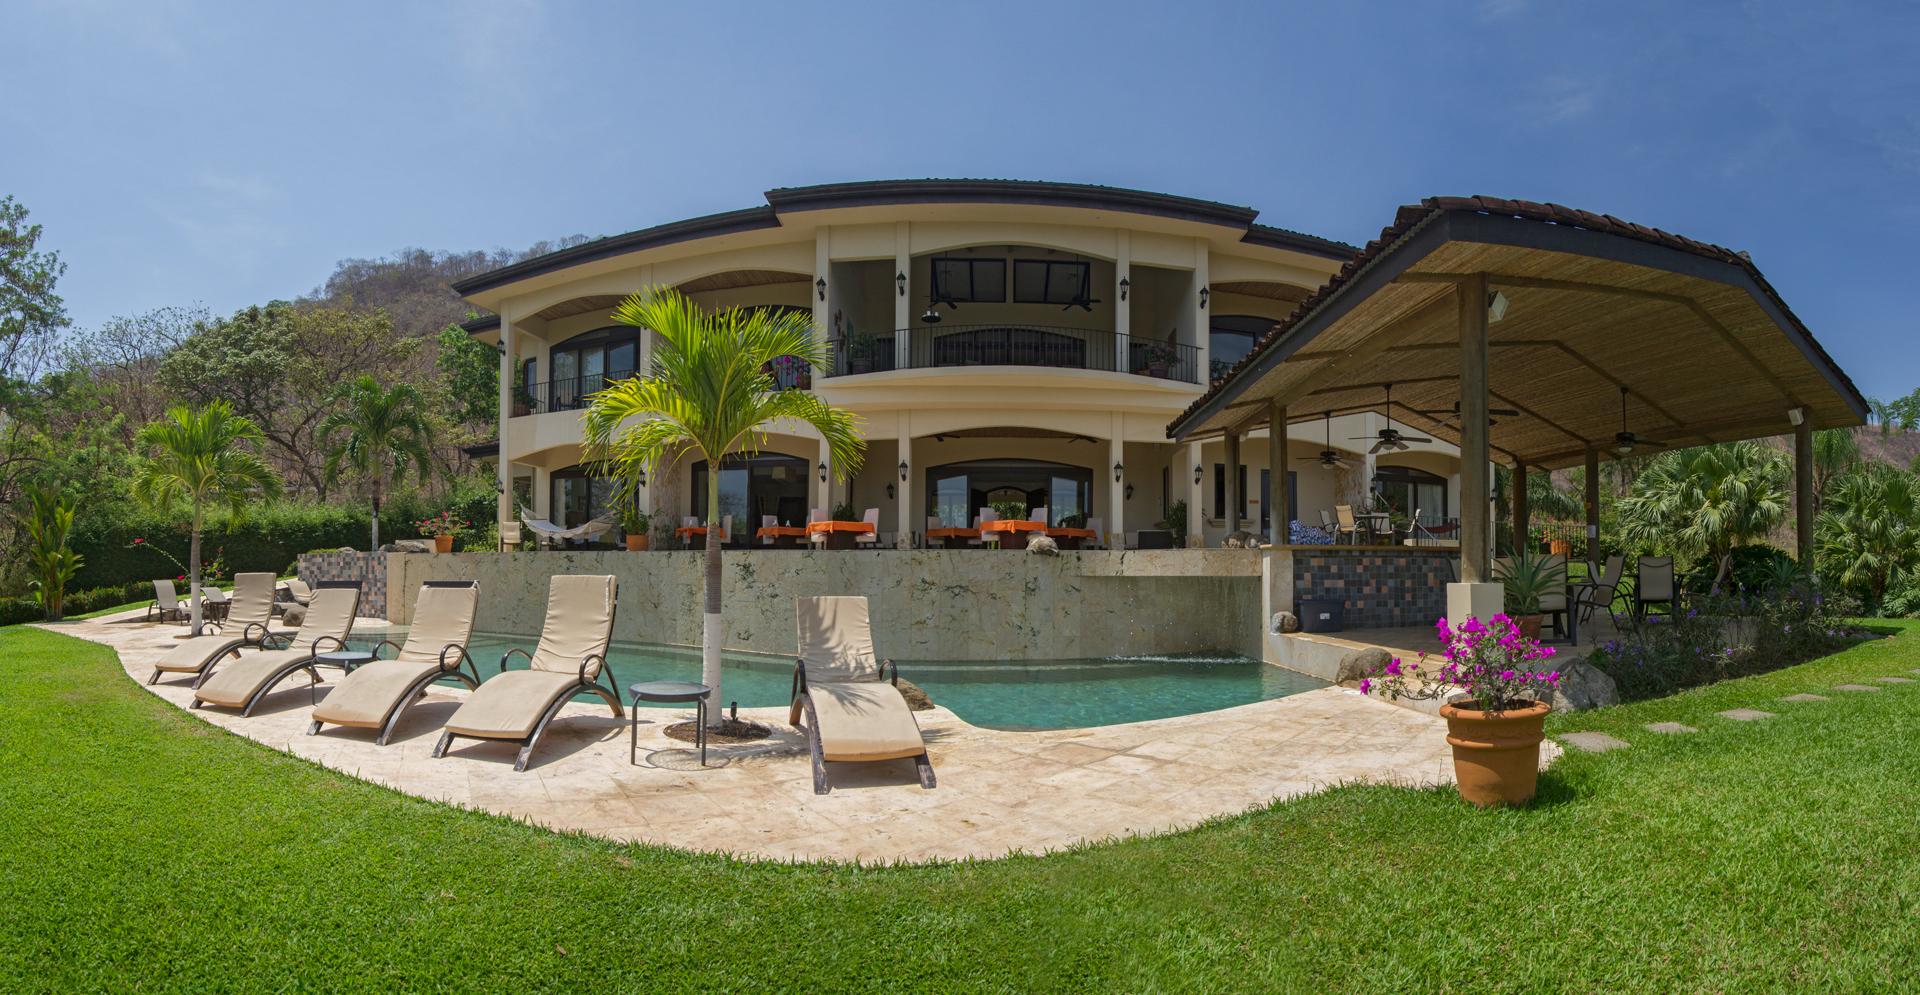 Villa Buena Onda133.jpg